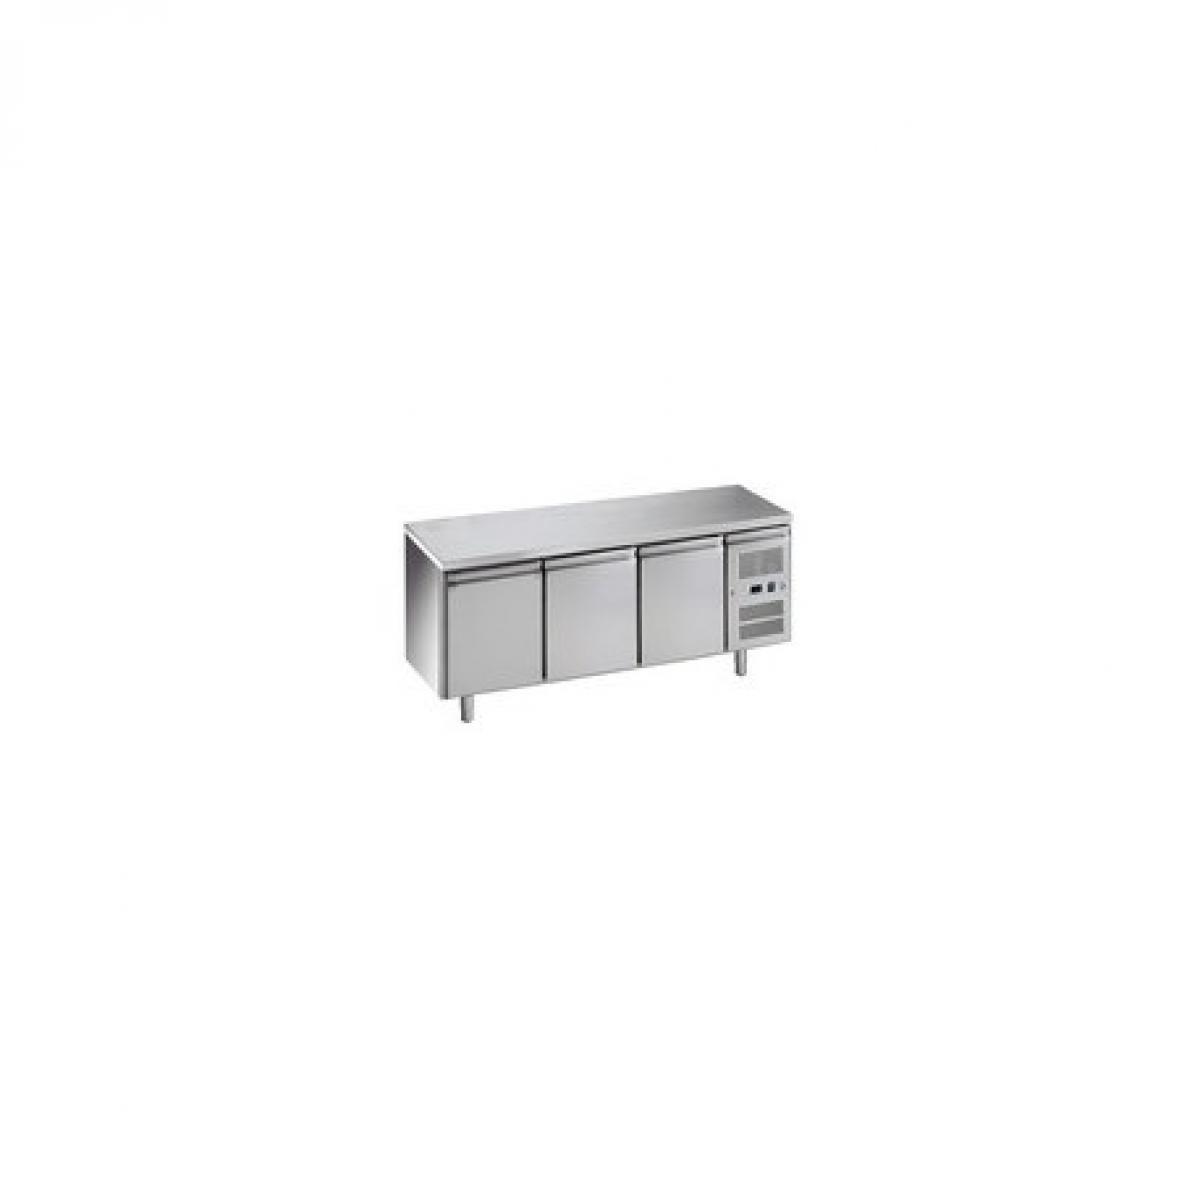 L2G Table réfrigérée 465 litres positive - 3 portes GN 1/1 inox - L2G - R600A 3 Portes 70